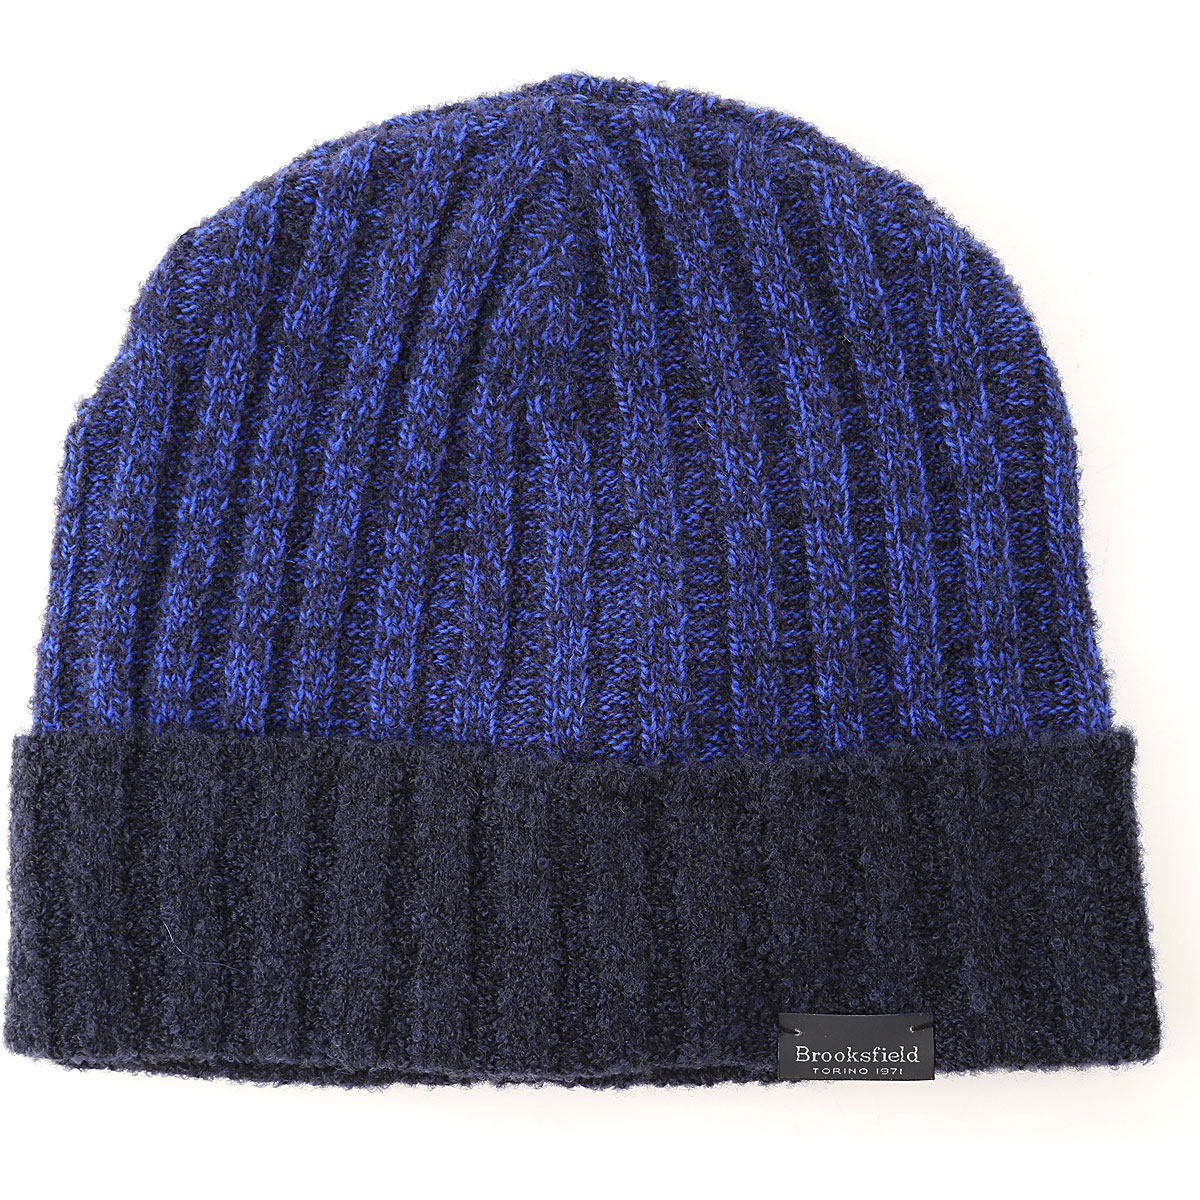 Brooksfield Hat for Women On Sale, Elettric Blue, Wool, 2019